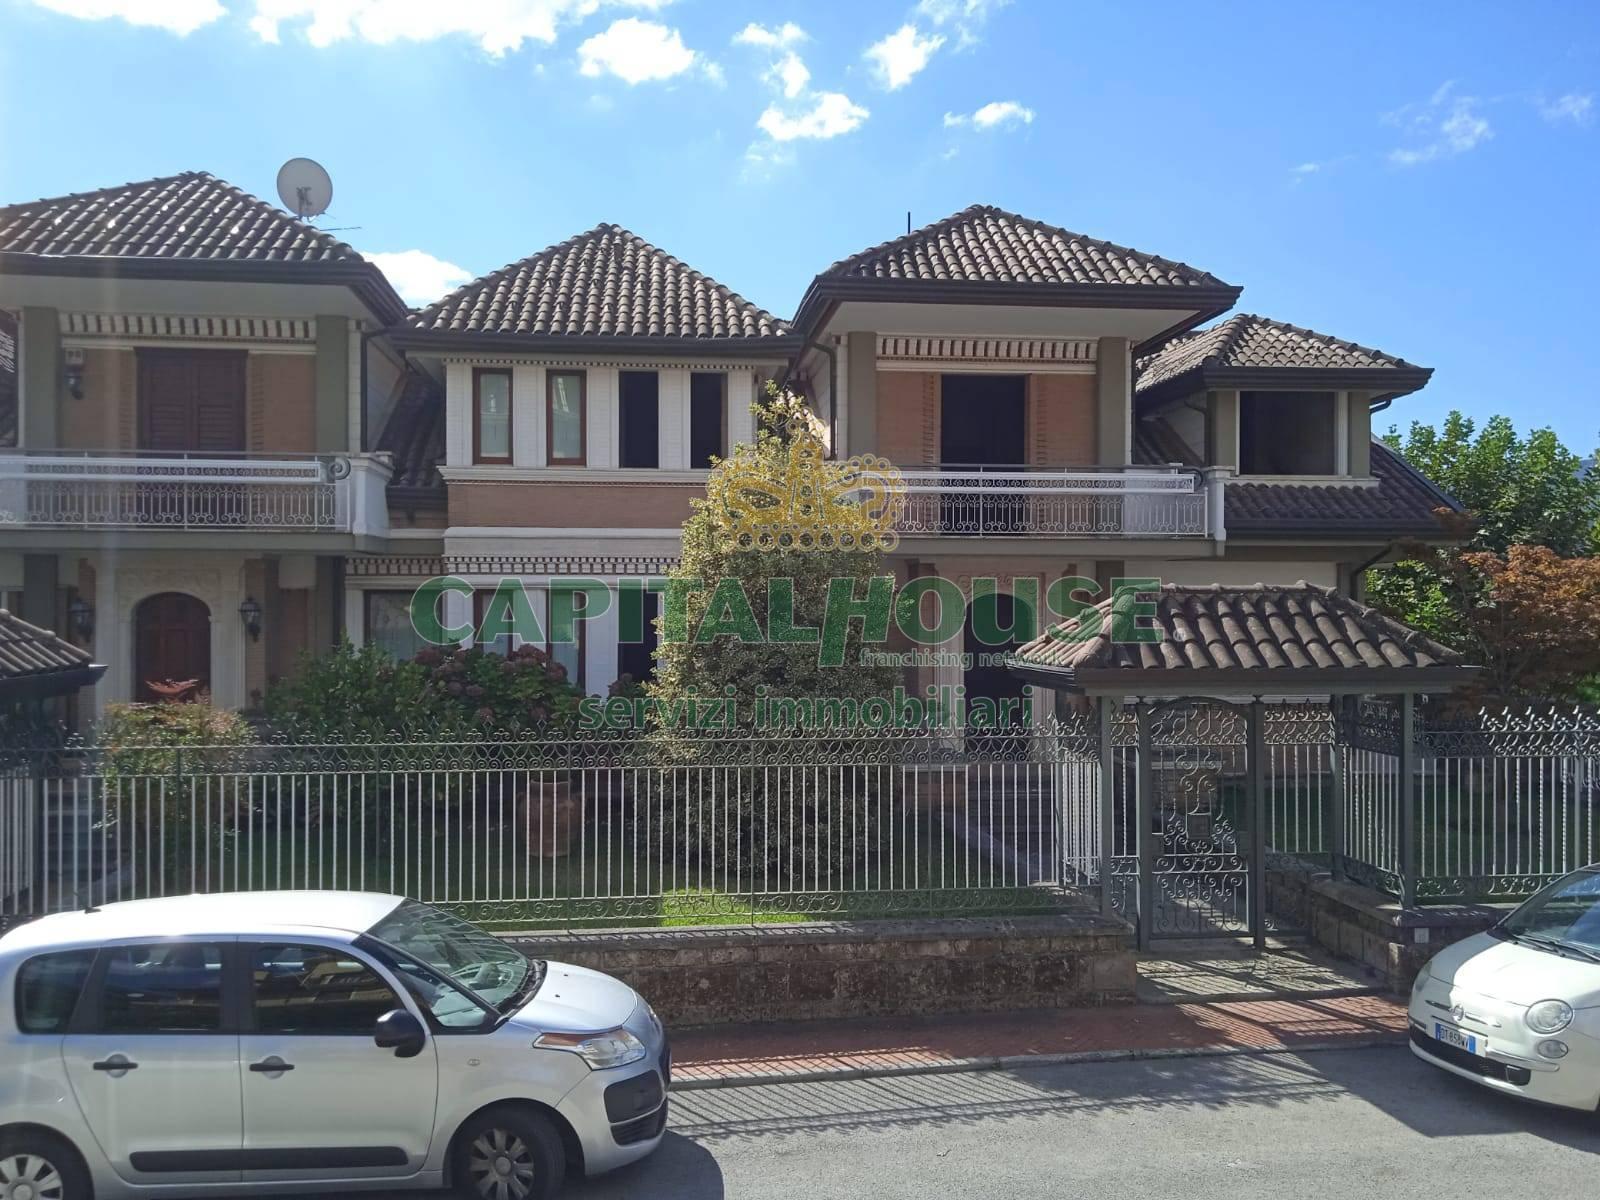 Villa in vendita a Avellino, 6 locali, zona Zona: Cappuccini, prezzo € 459.000 | CambioCasa.it